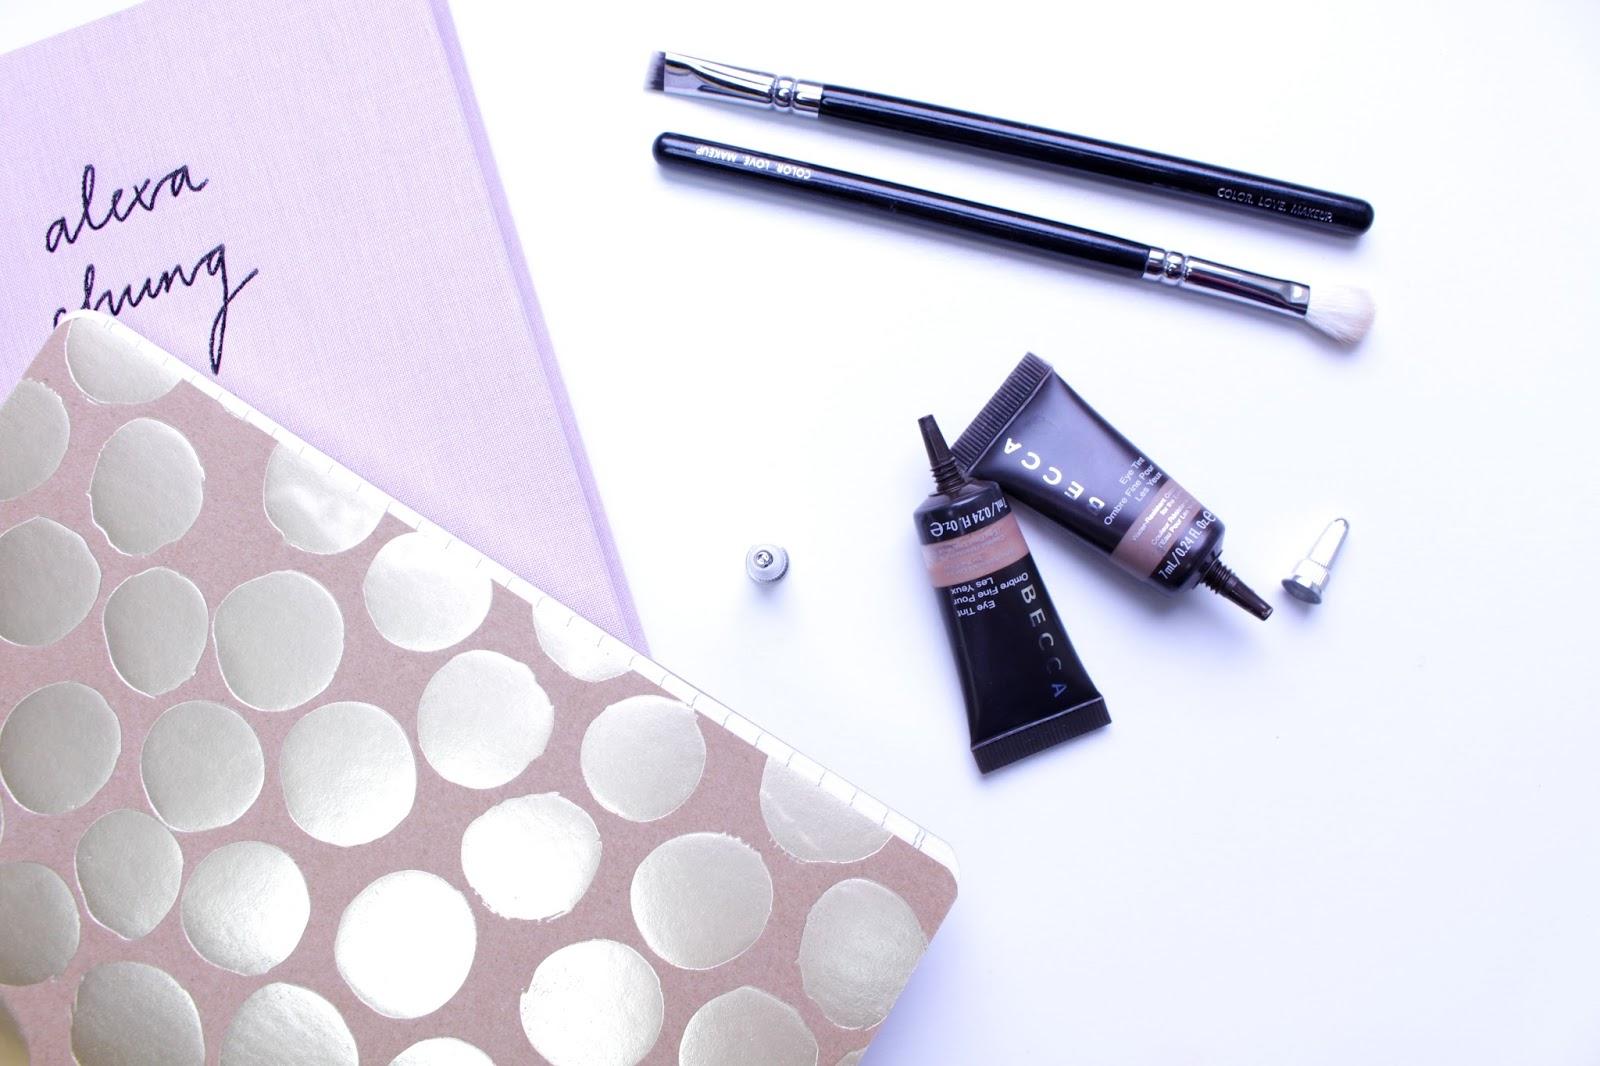 Becca Cosmectics Eye Tint